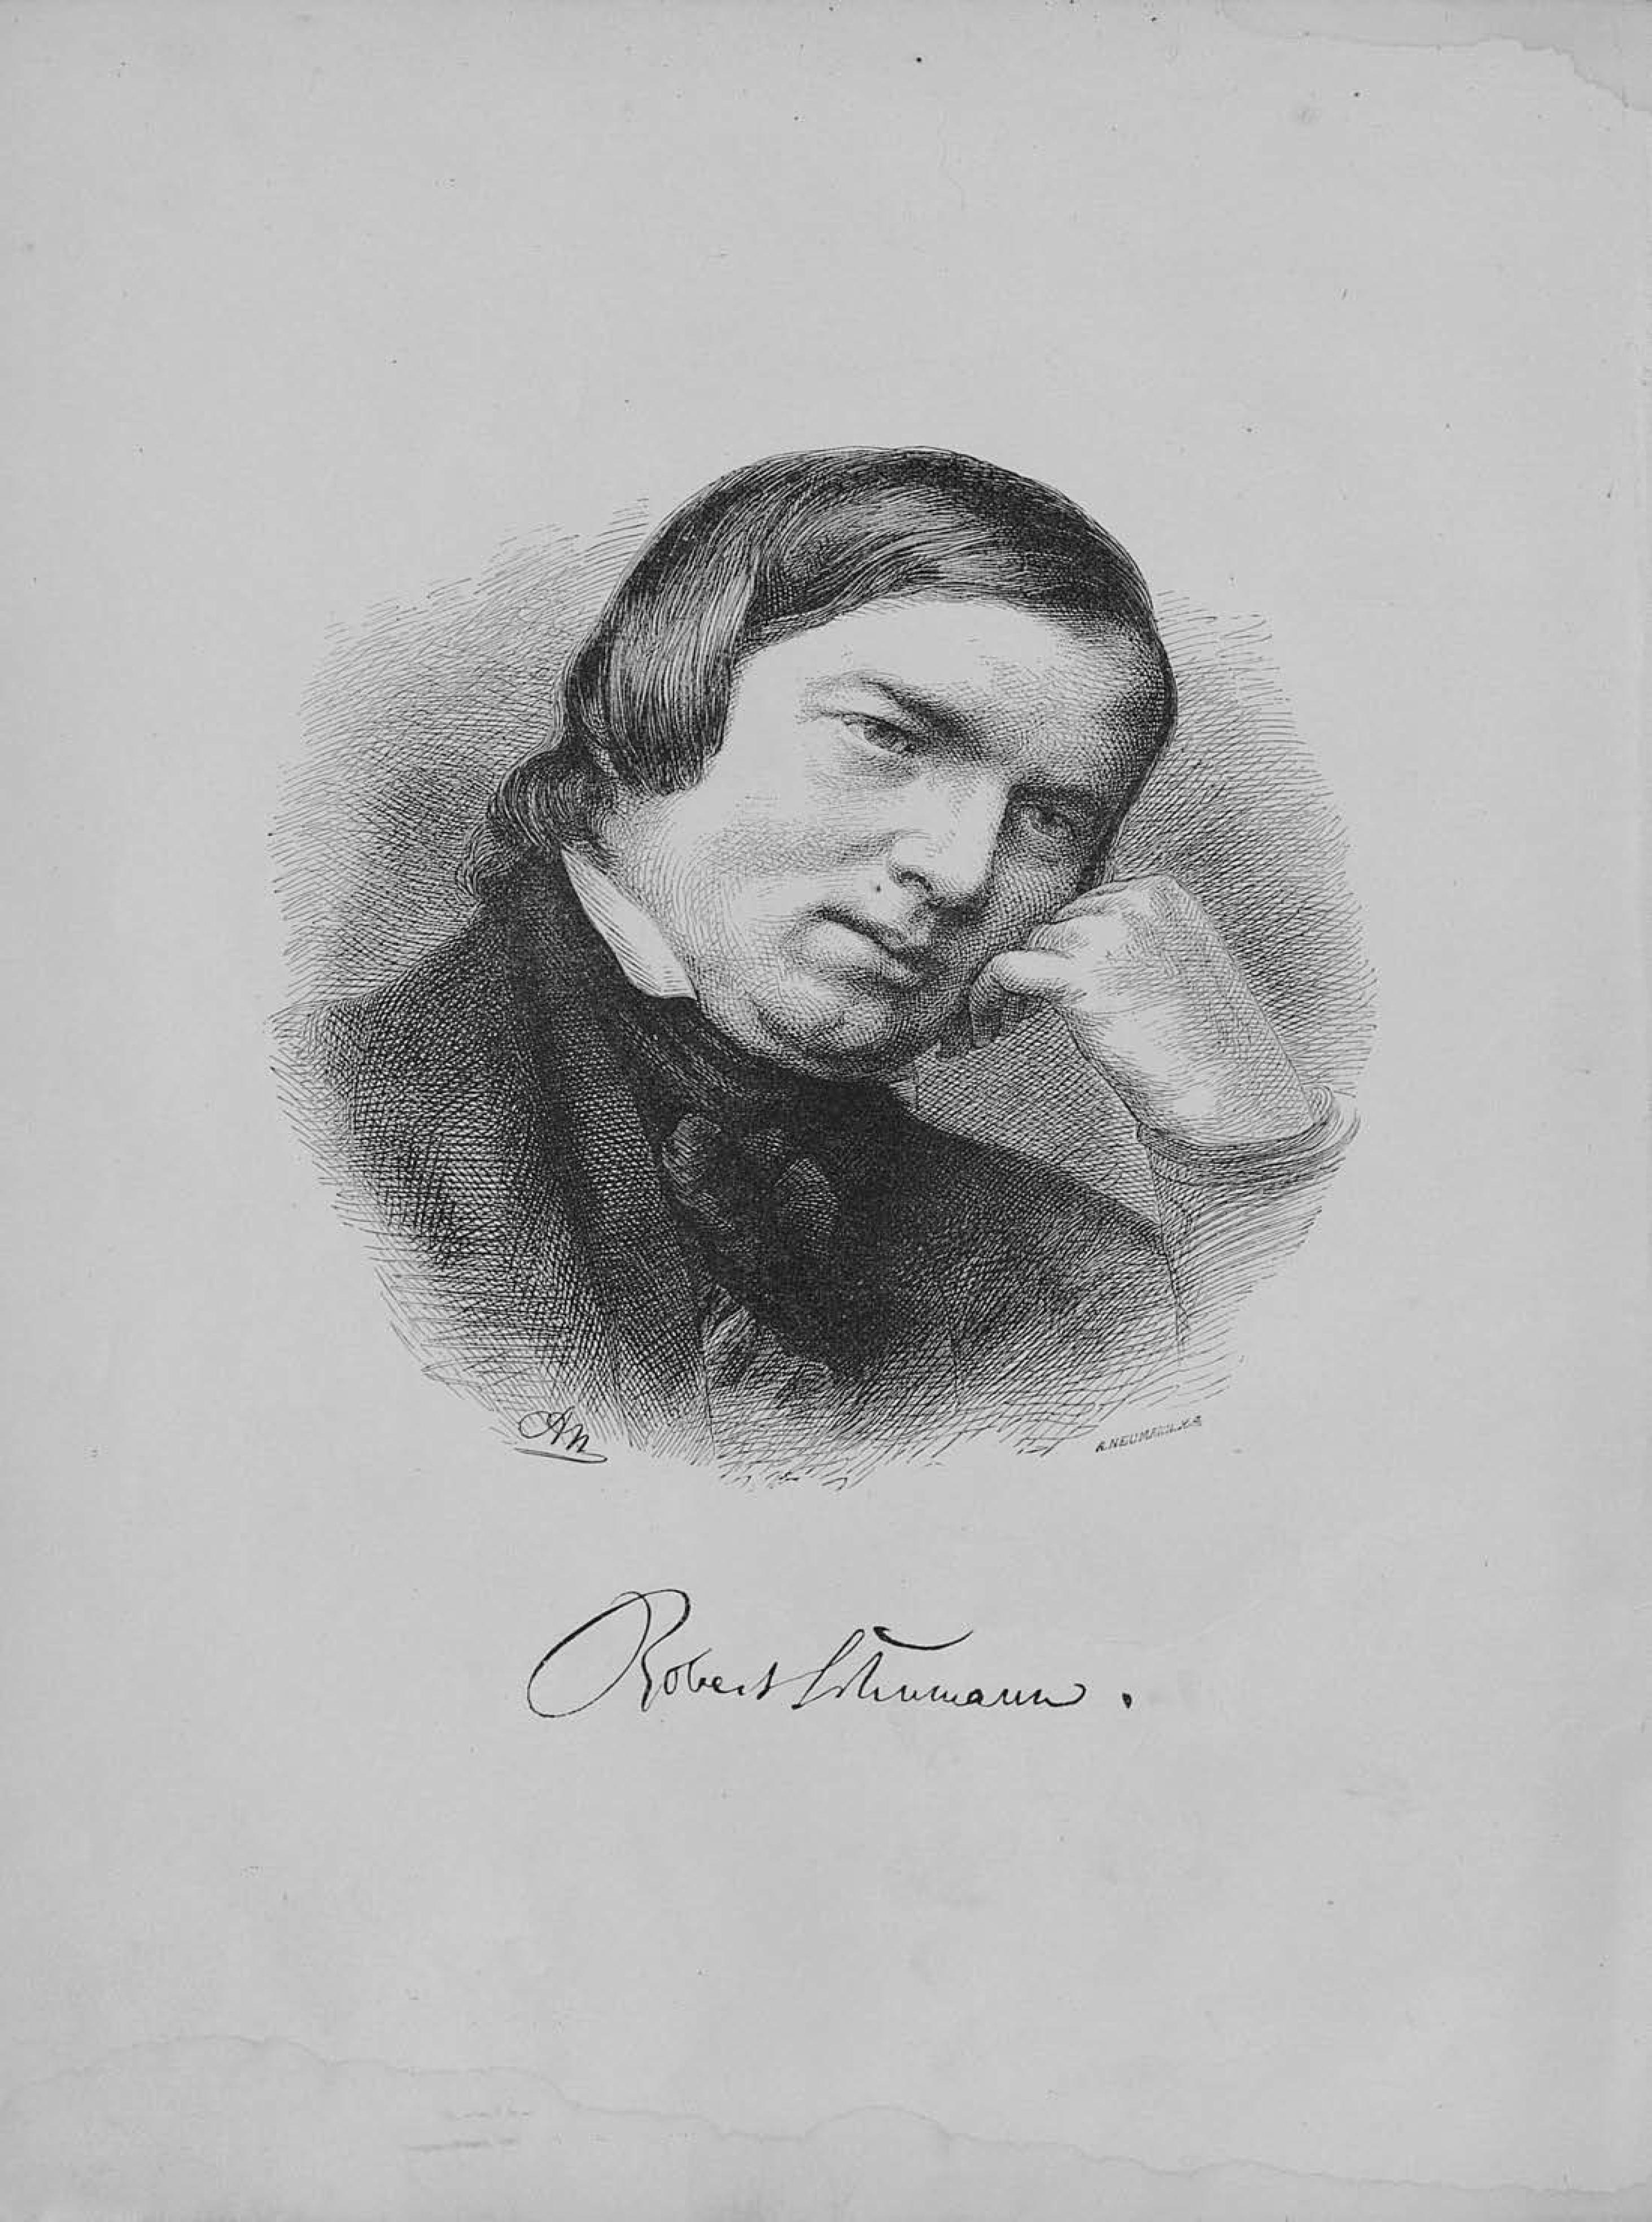 Роберт Шуман Schumann-Album, Liederkreis, Frauenliebe, und Leben, Dichterliebe v. Rob. Schumann pierre laurent aimard schumann carnaval etudes symphoniques